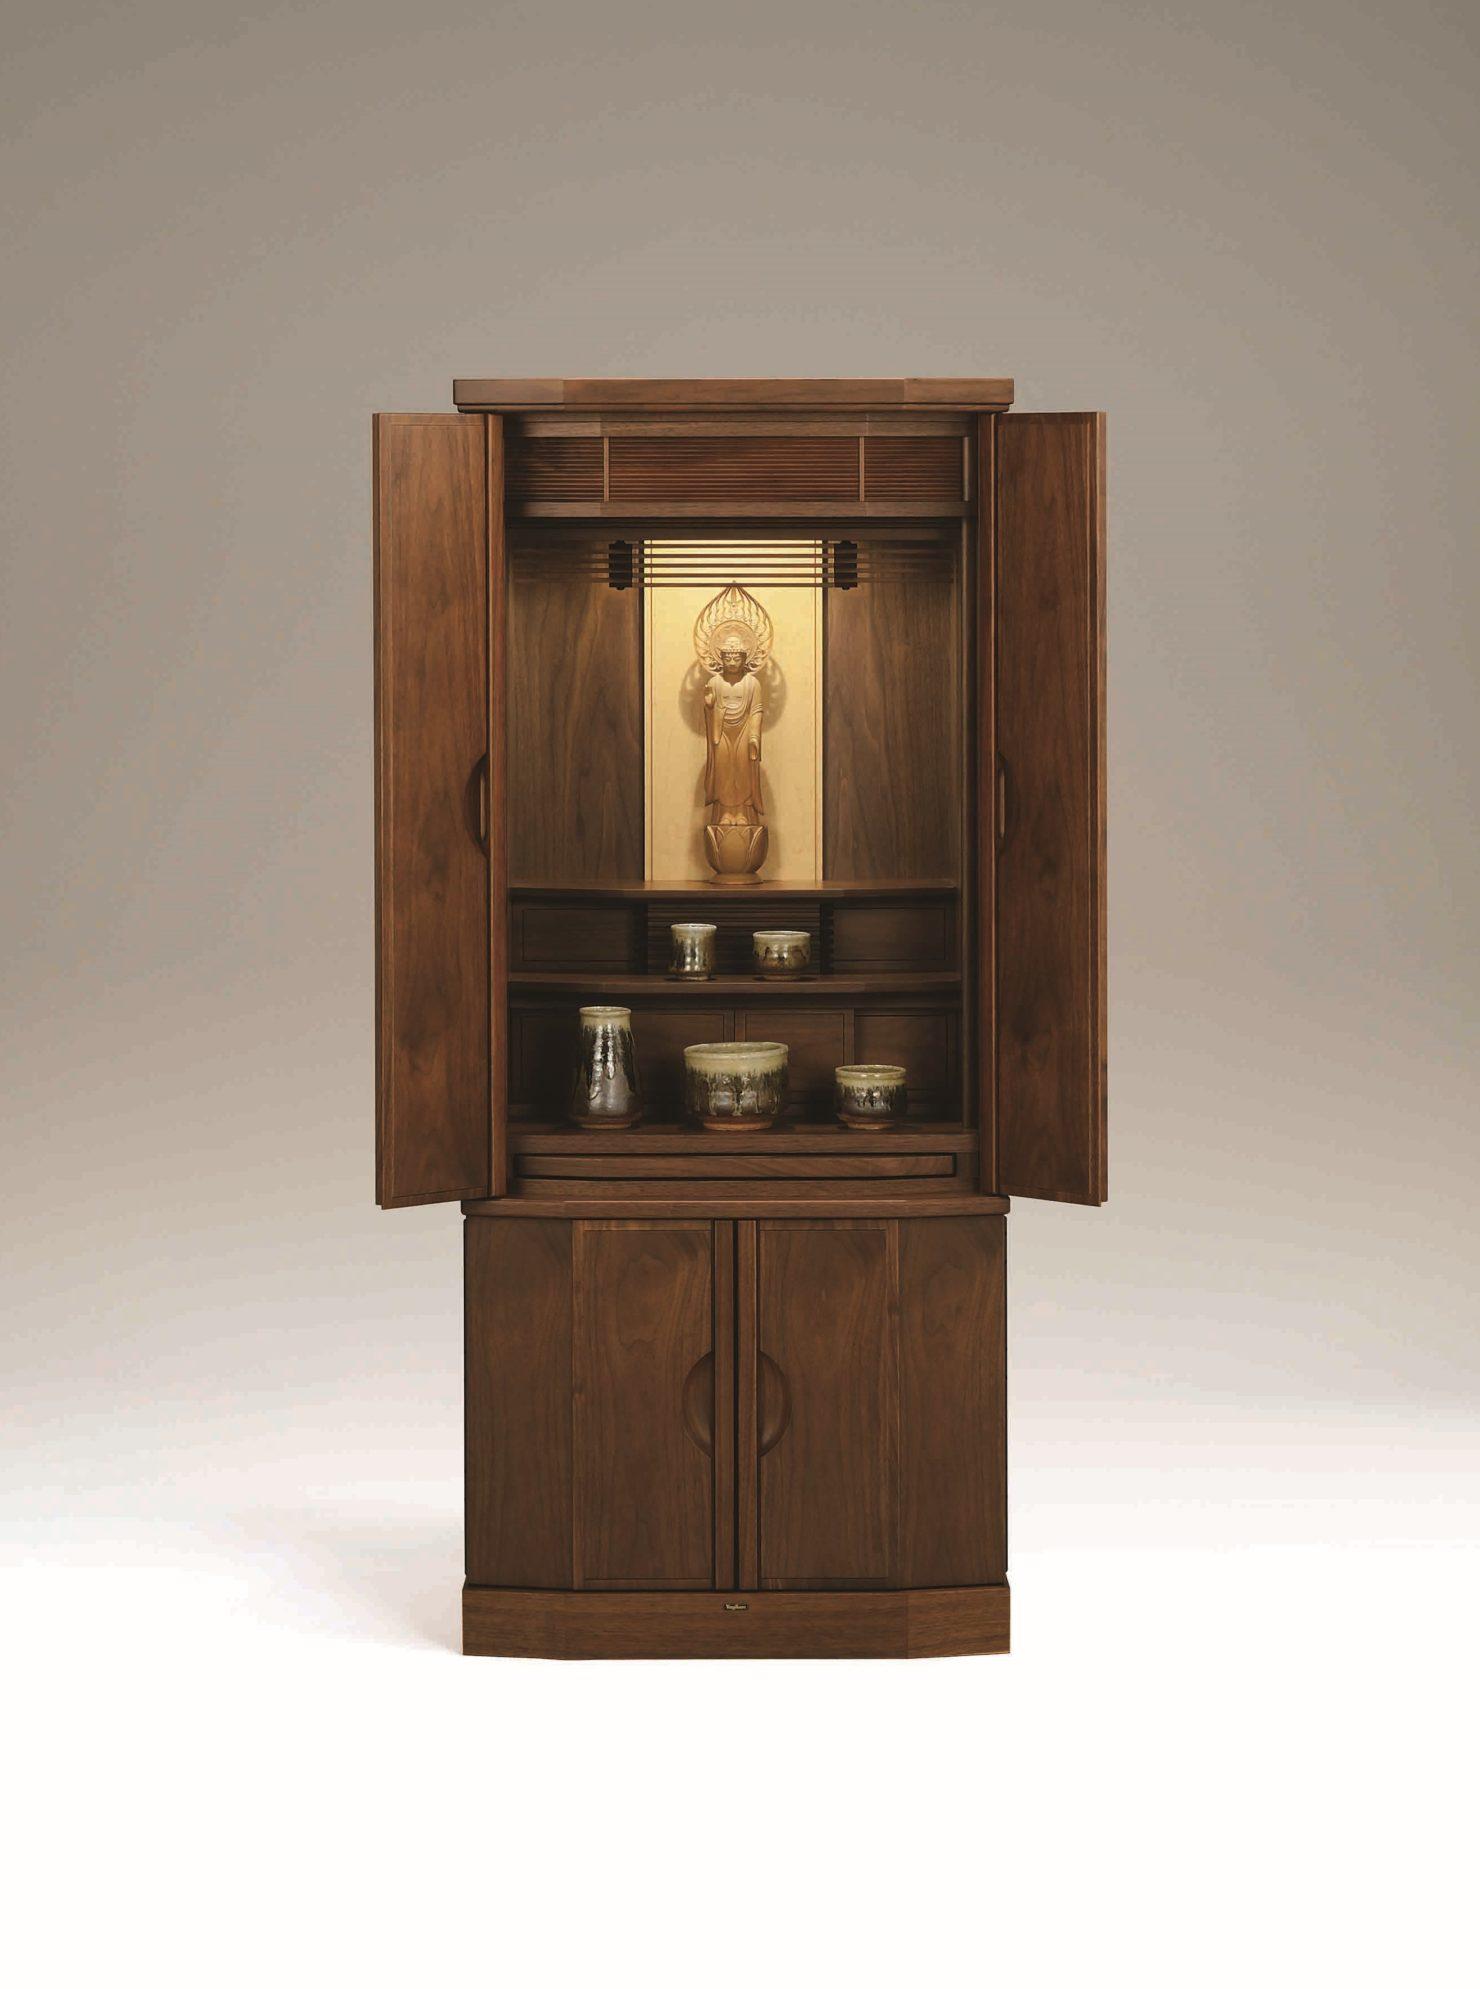 高級感のある現代仏壇「メヌエット1300」京都の老舗仏壇店が紹介する現代仏壇の魅力